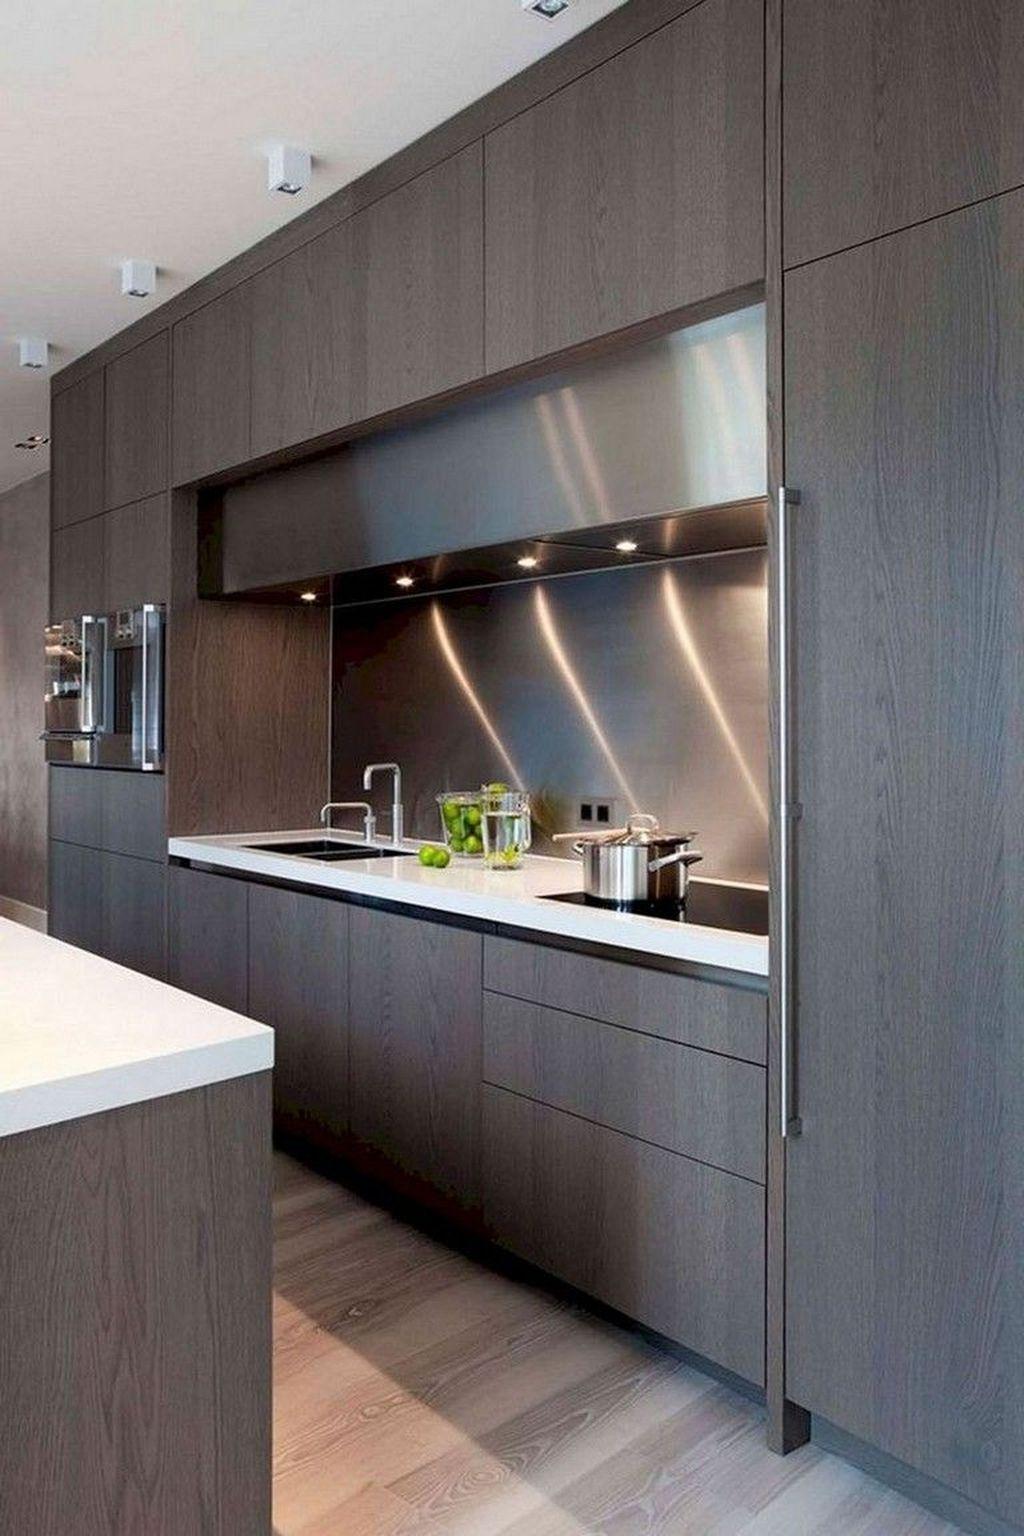 50 Stunning Modern Kitchen Design Ideas Homyhomee Kitchen Room Design Modern Kitchen Cabinet Design Contemporary Kitchen Cabinets